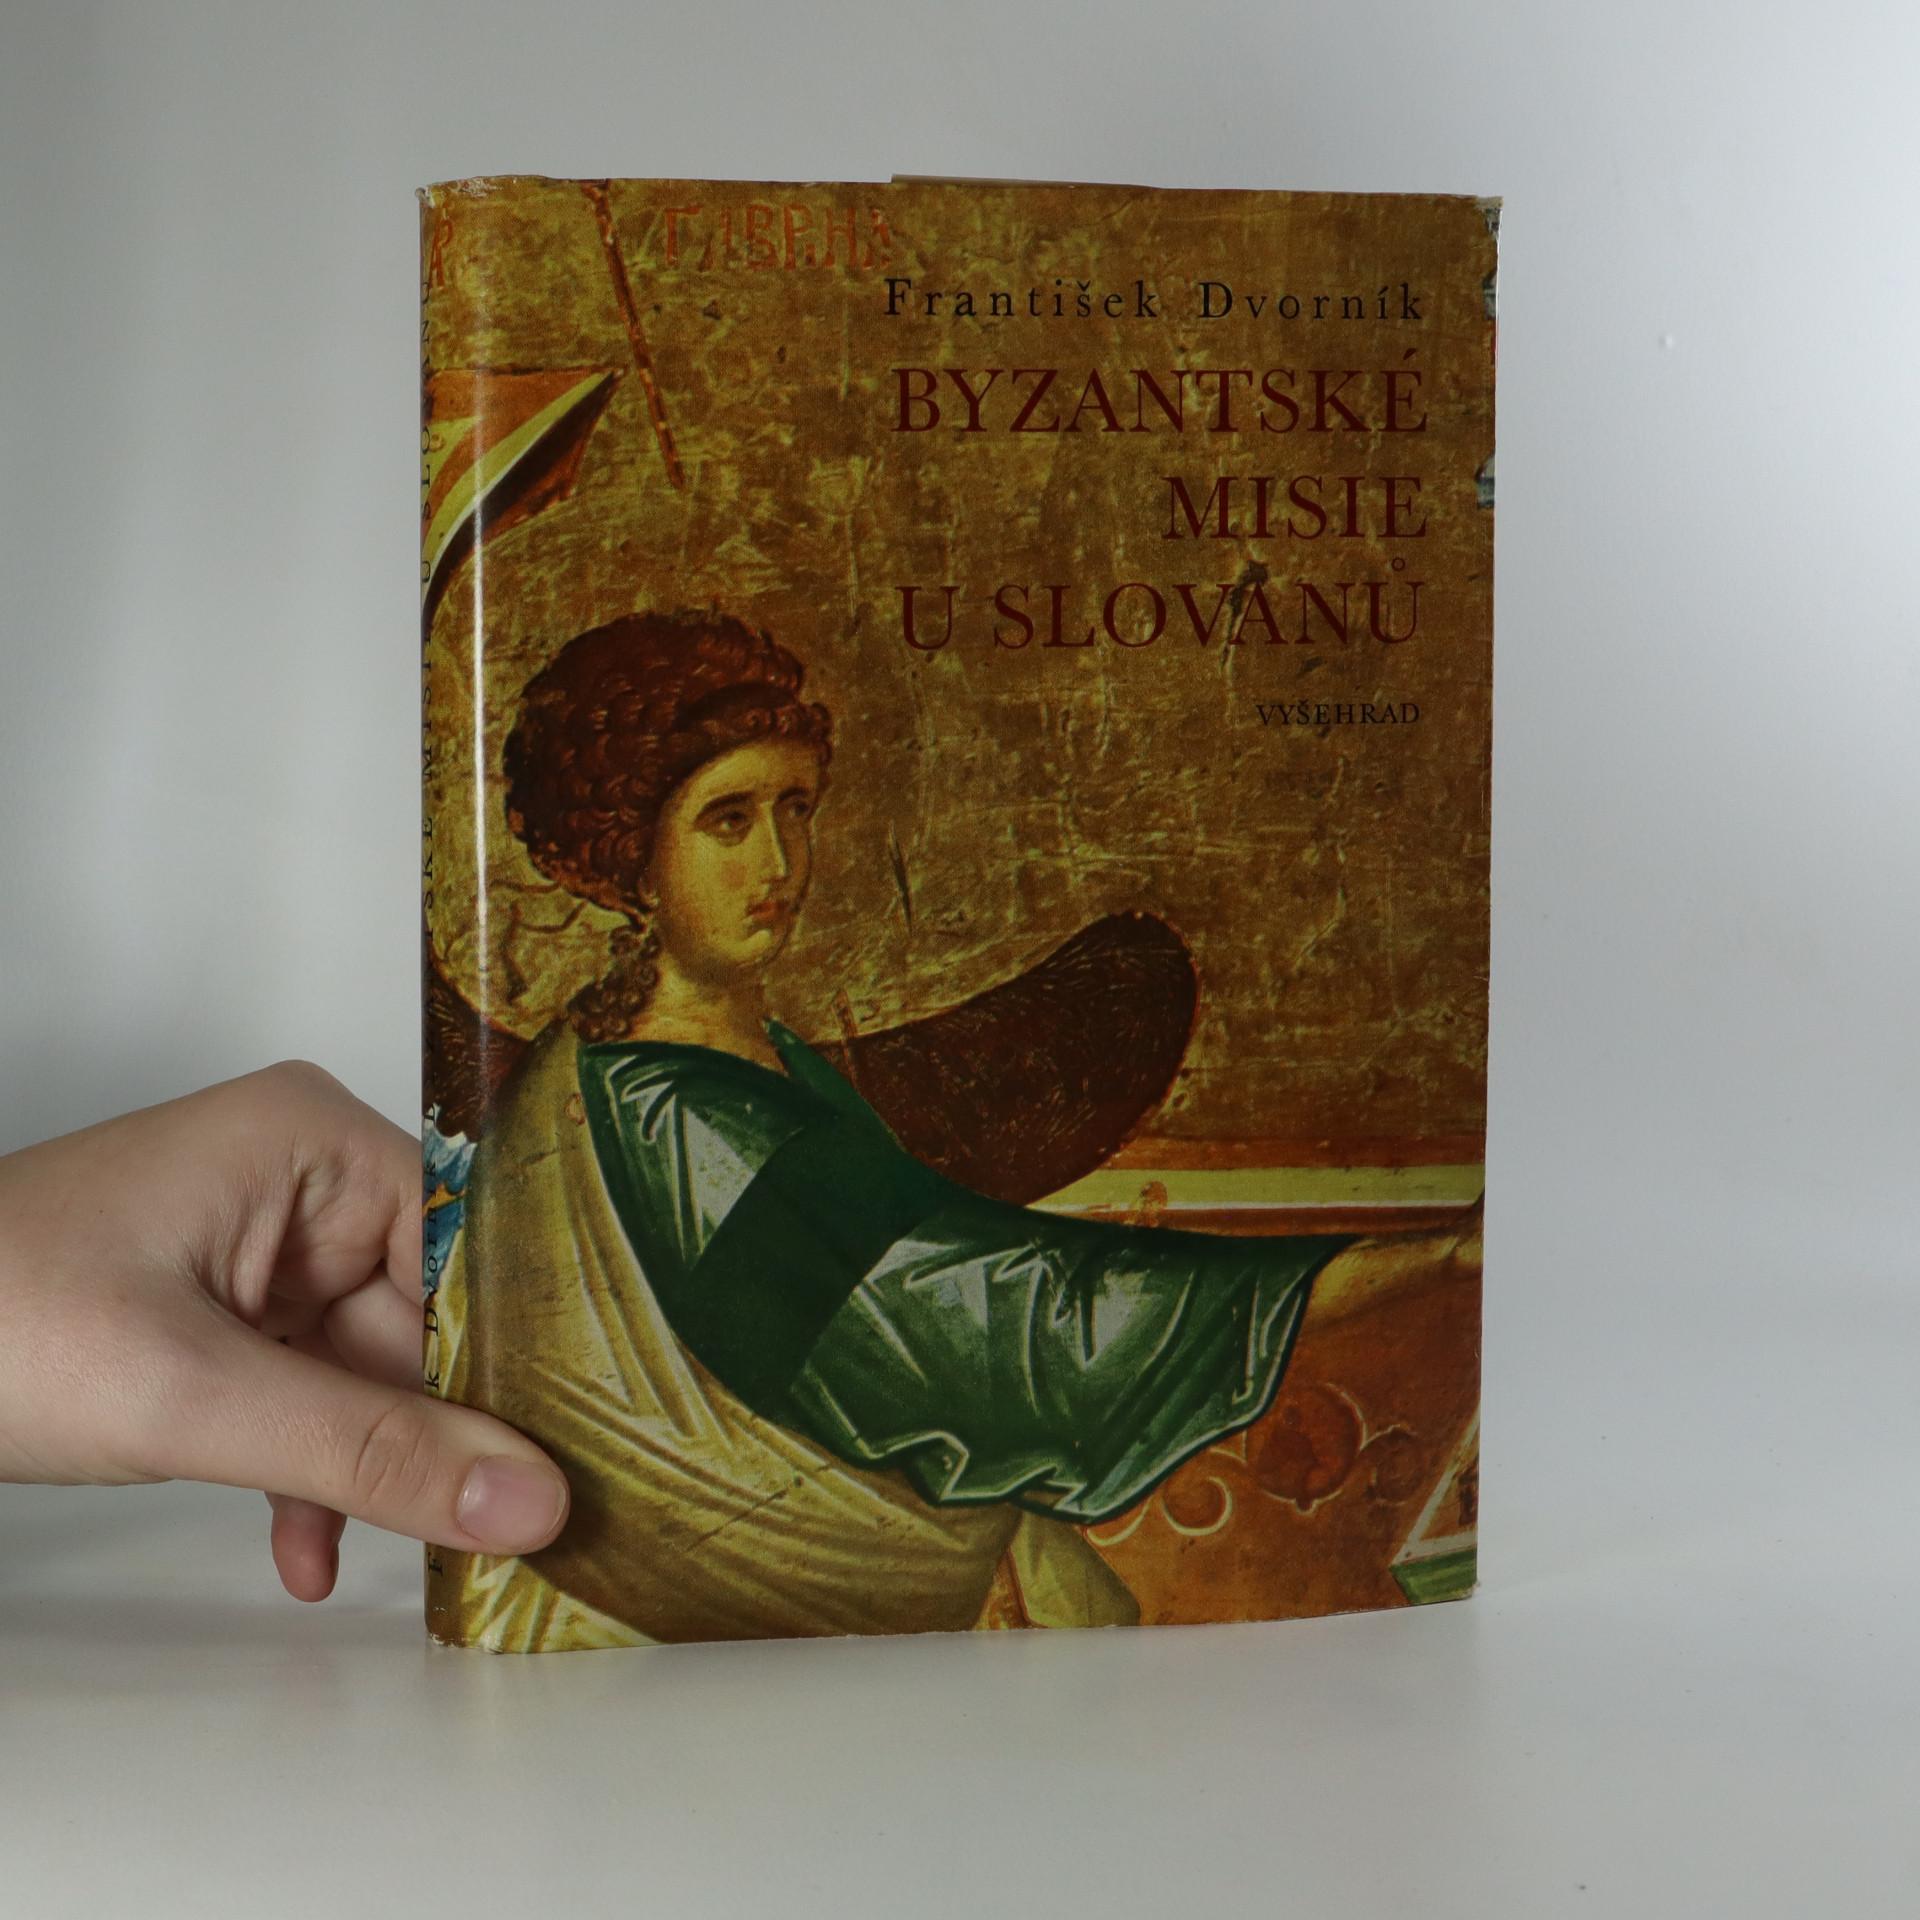 antikvární kniha Byzantské misie u Slovanů, 1970